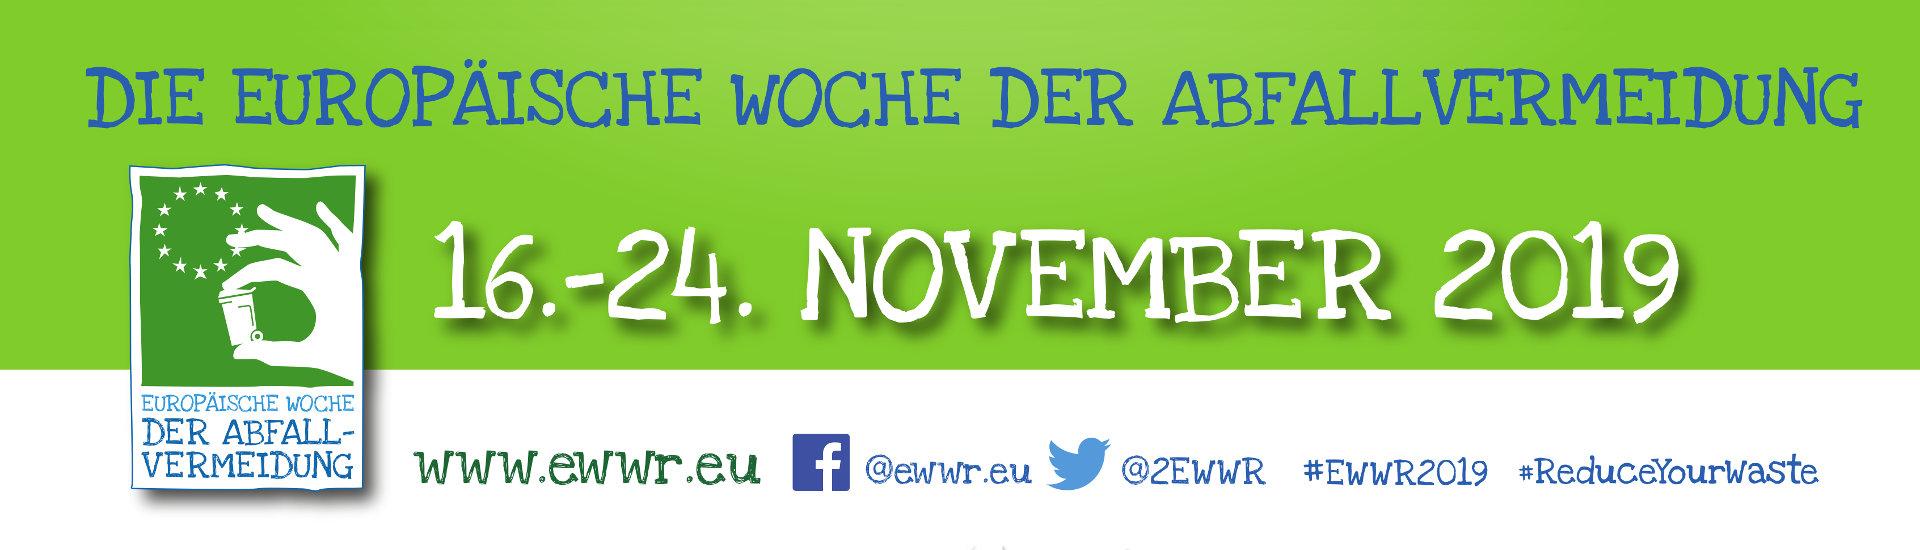 Europäische Woche der Abfallvermeidung 2019